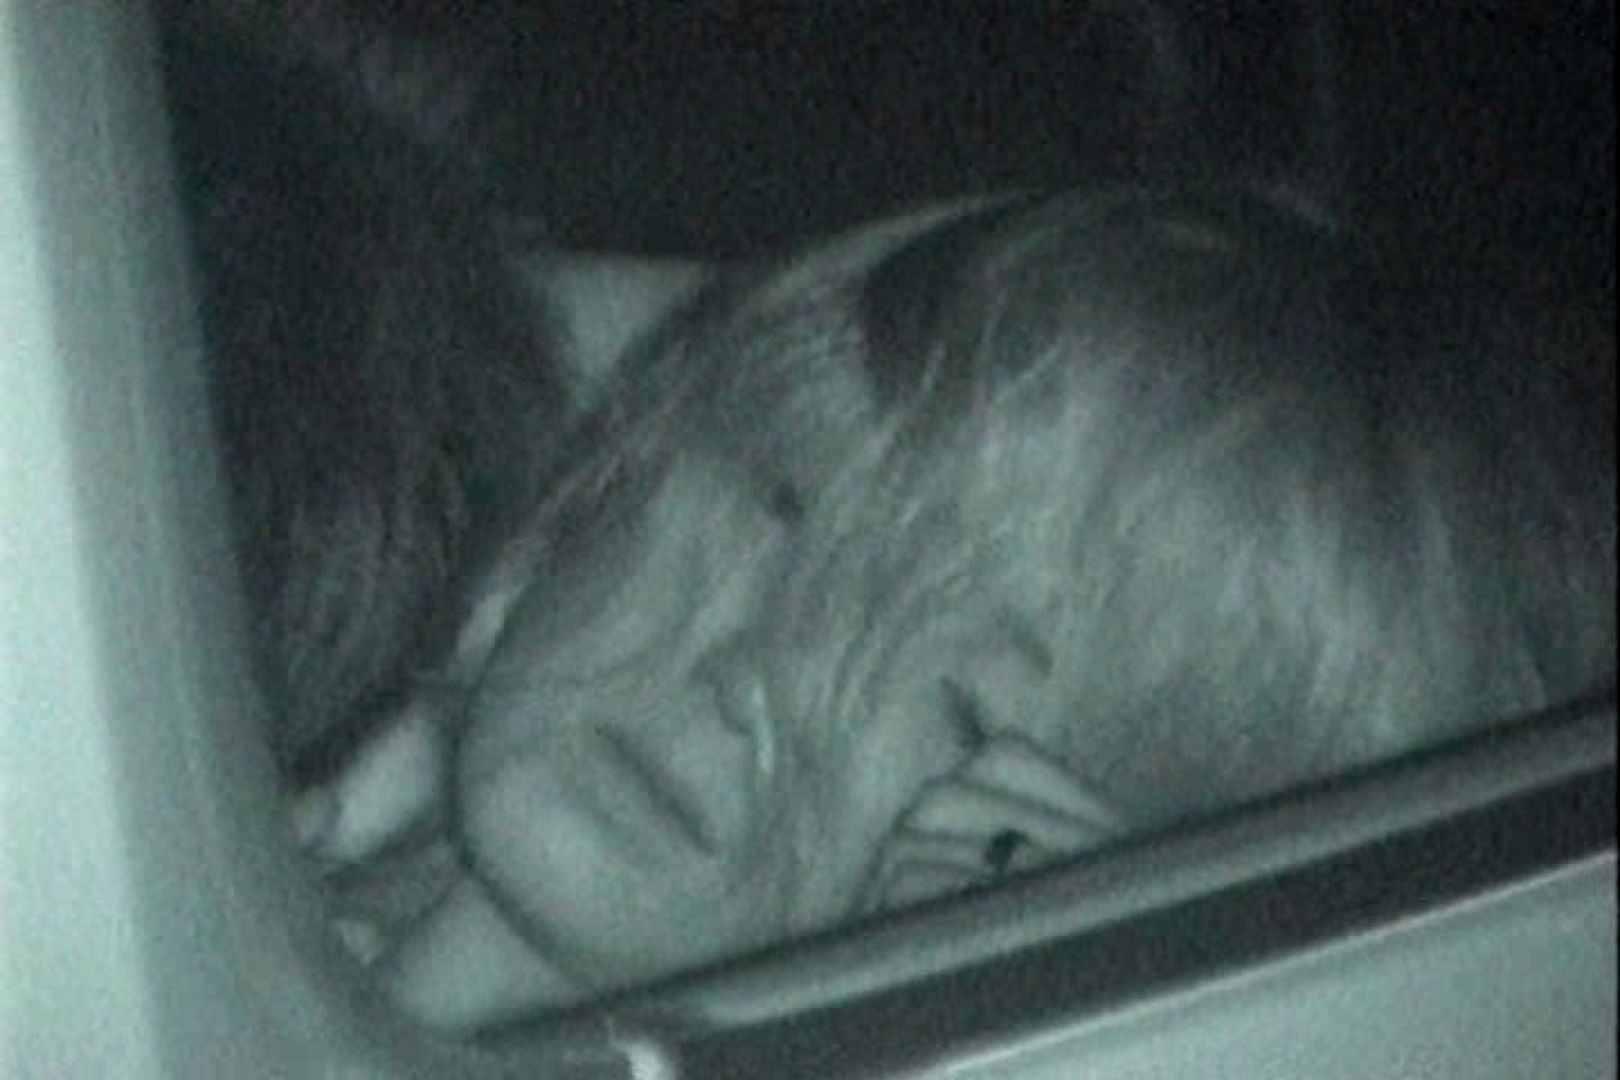 充血監督の深夜の運動会Vol.144 カップル盗撮 盗撮画像 62画像 27